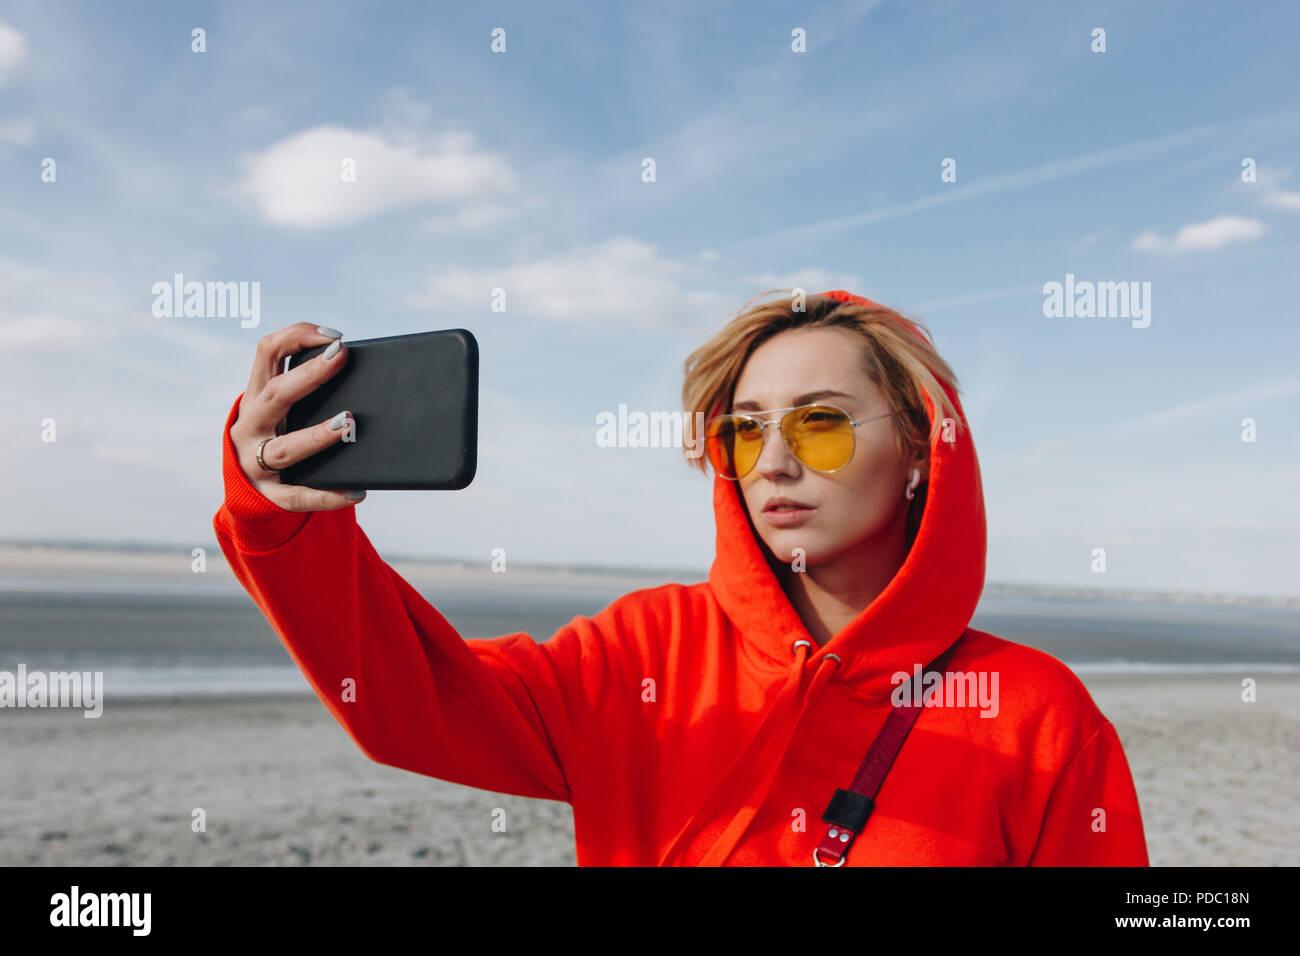 Atractiva En Tomando Gafas De Smartphone Sol Selfie Chica ymvIbfgY76